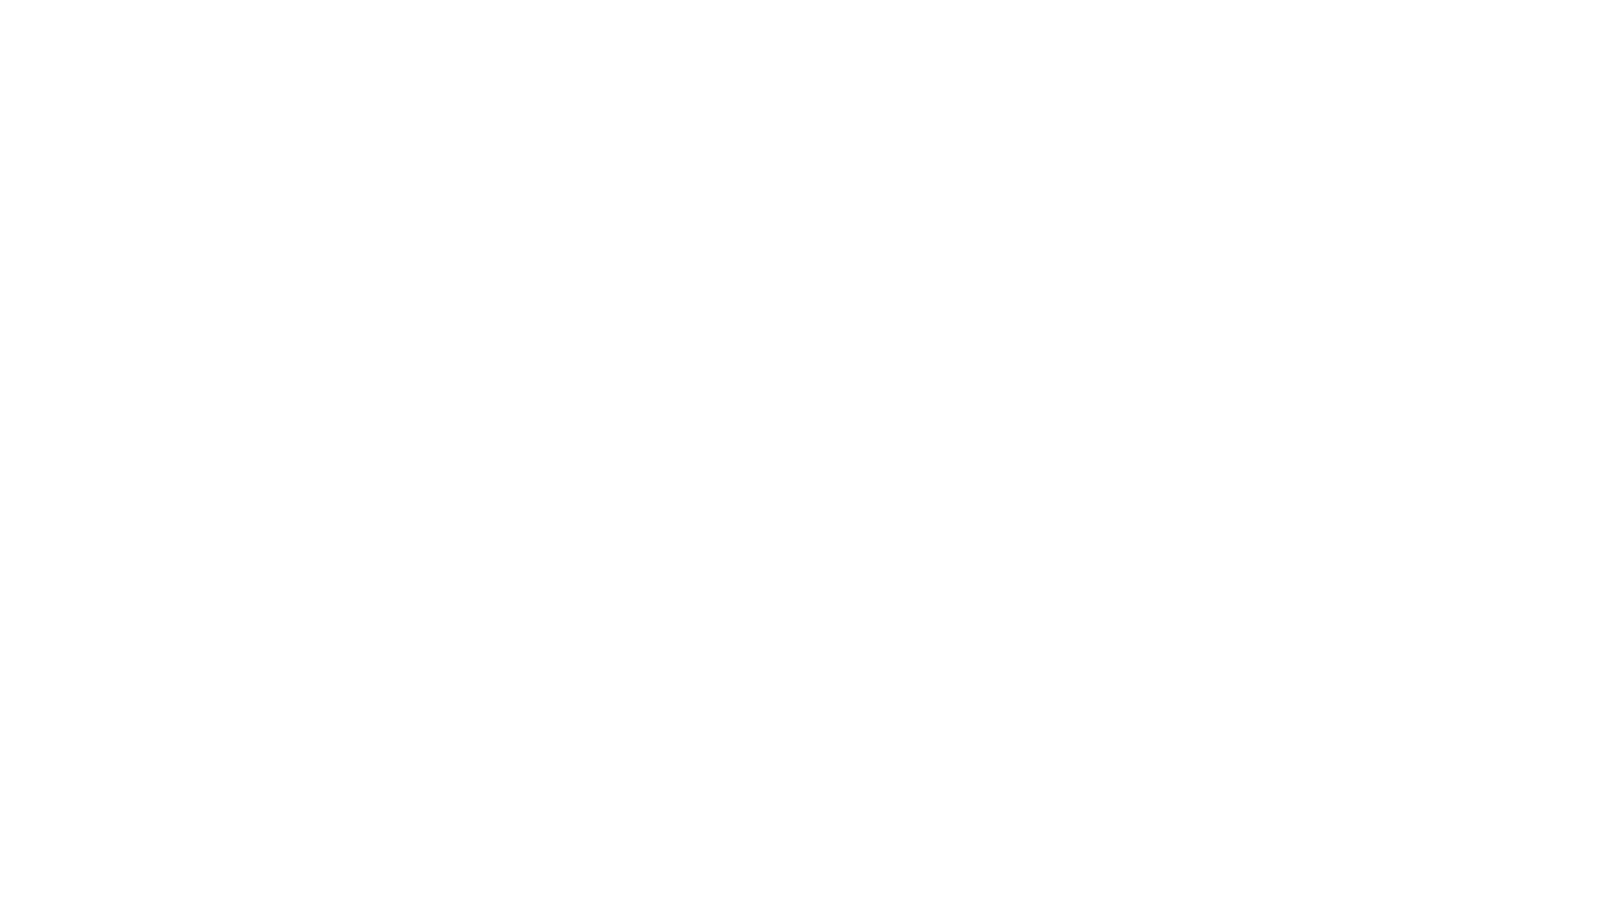 Recenzia na tretiu knihu o Zaklínačovi s podtitulom Krv elfov. A zároveň prvý diel pentalógie. A zároveň podklad pre druhú sériu seriálu.  #zaklínač #fantasy #booktube ================================================================== WEBY: Multiverzum: https://multiverzum.sk/ Fantasy Knihy: https://fantasyknihy.multiverzum.sk/  Instagram:  Multiverzum: https://www.instagram.com/multiverzum4real/ Fantasy Knihy: https://www.instagram.com/fantasyknihy_multiverzum/ Popkast: https://www.instagram.com/popkast_svk/   Music by REDRUM